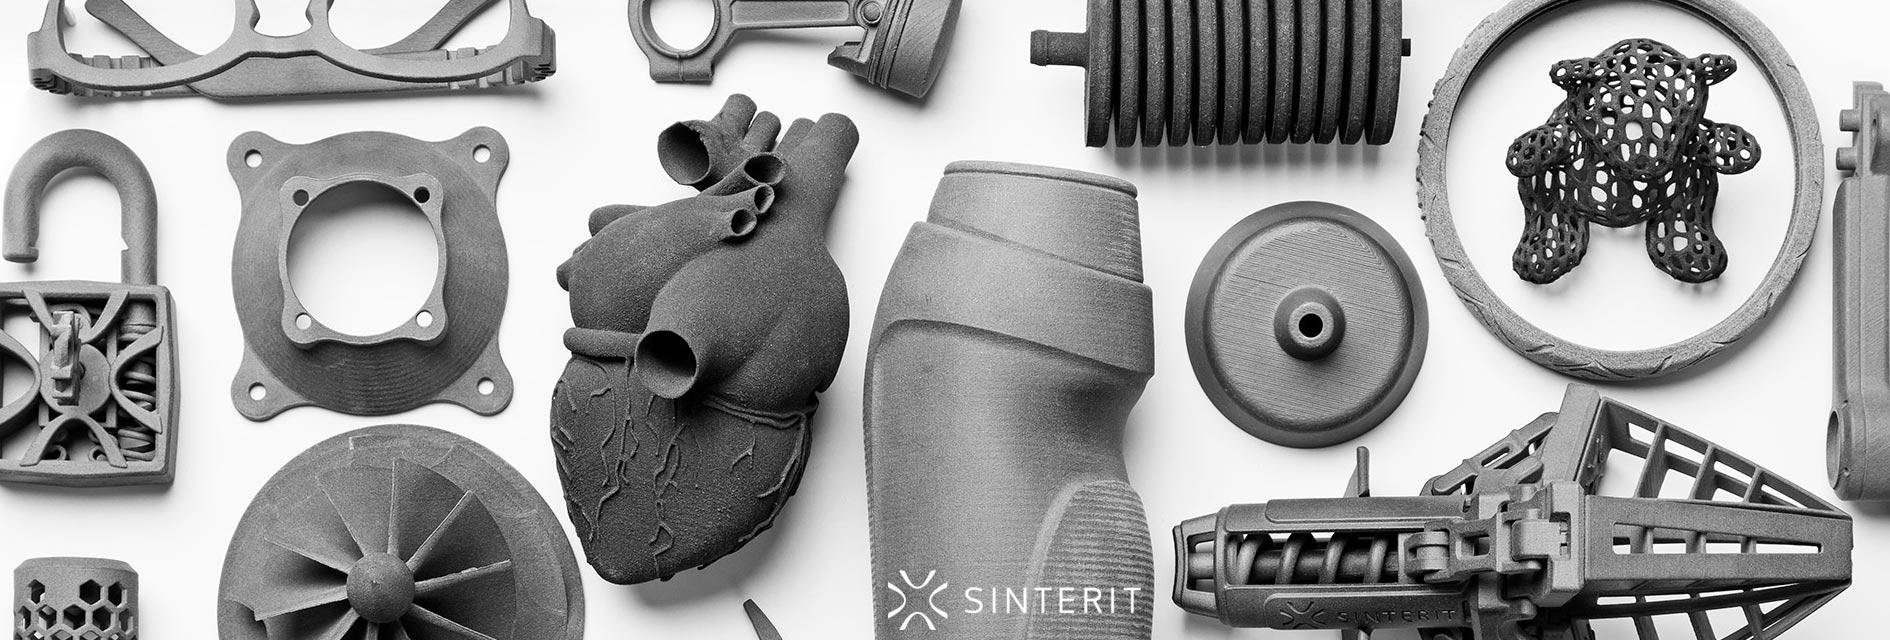 3D Drucker von Sinterit, Formlabs, MakerBot und XYZprinting. Schweizer Reseller, Support und Bildungs Webseite. 3D Drucker Lösungen für Schulen, Bildungsinstitutionen, Firmen und Private.